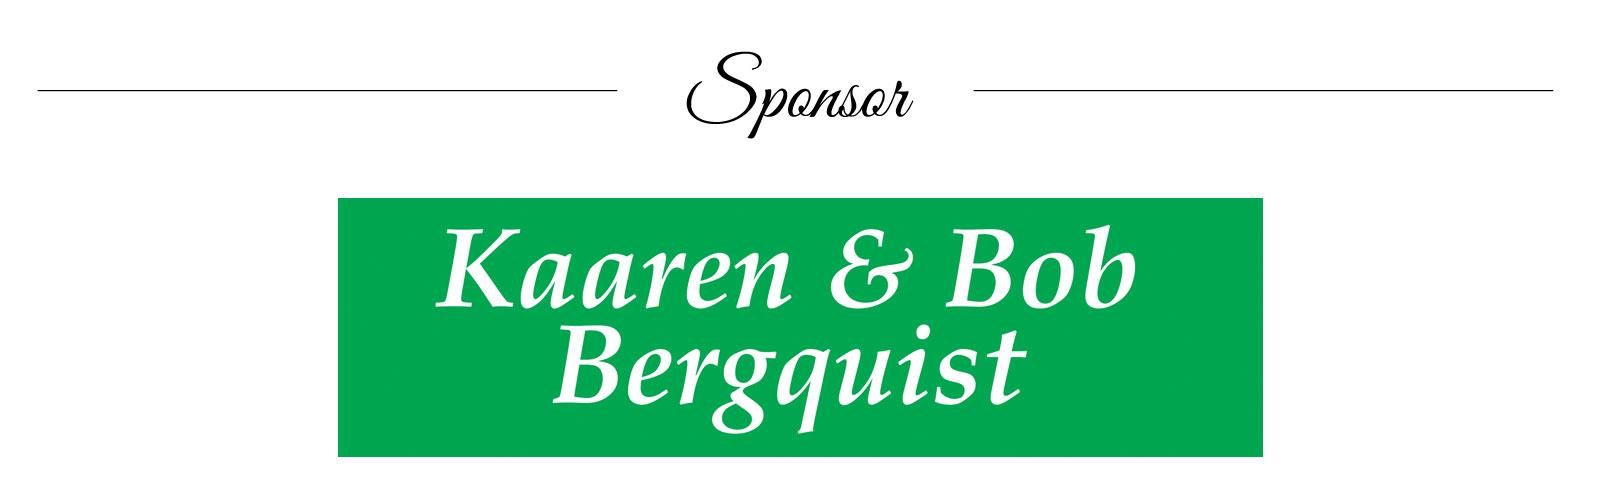 sponsor-bergquist